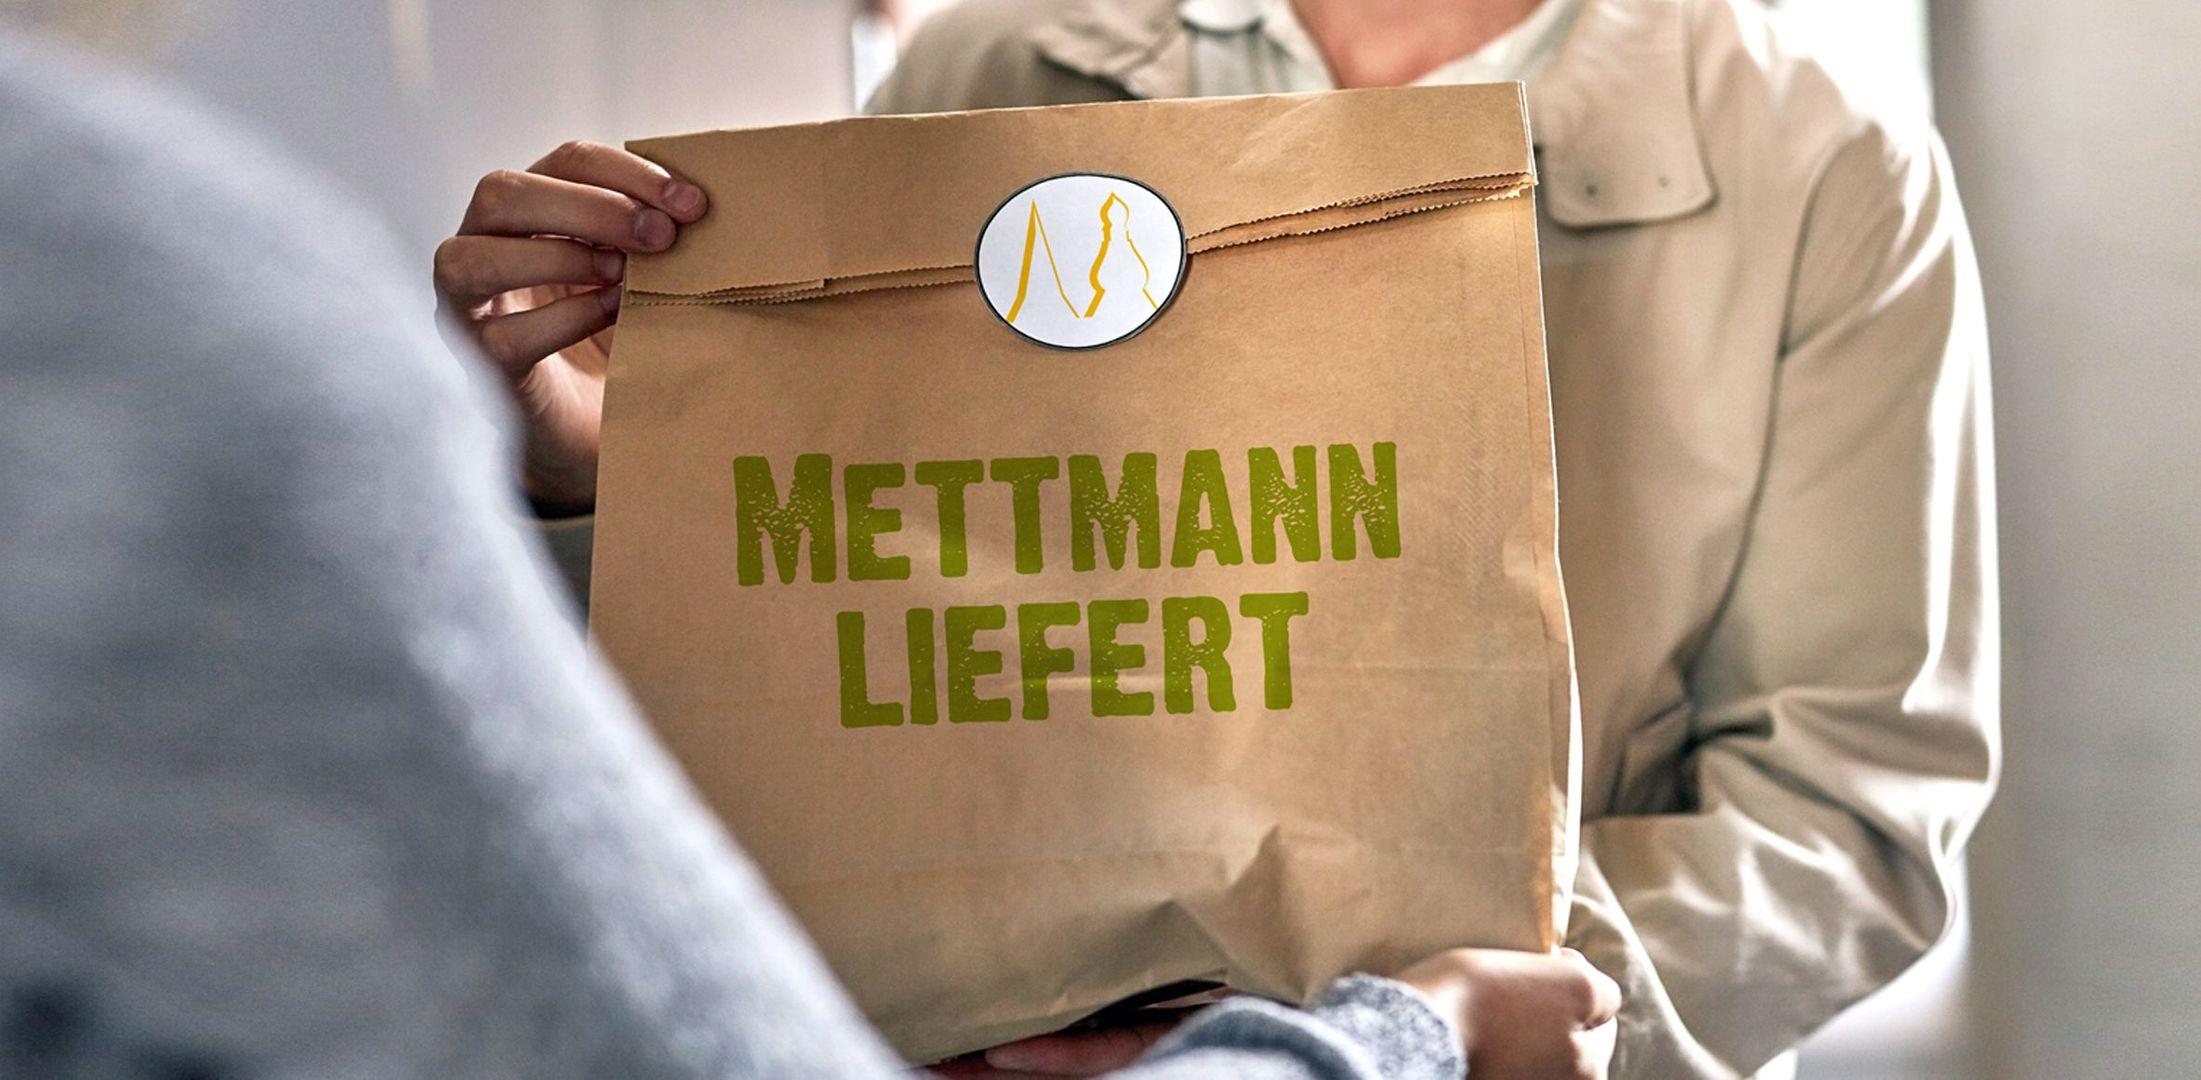 Der Lieferdienst für Mettmann - Lieferservice